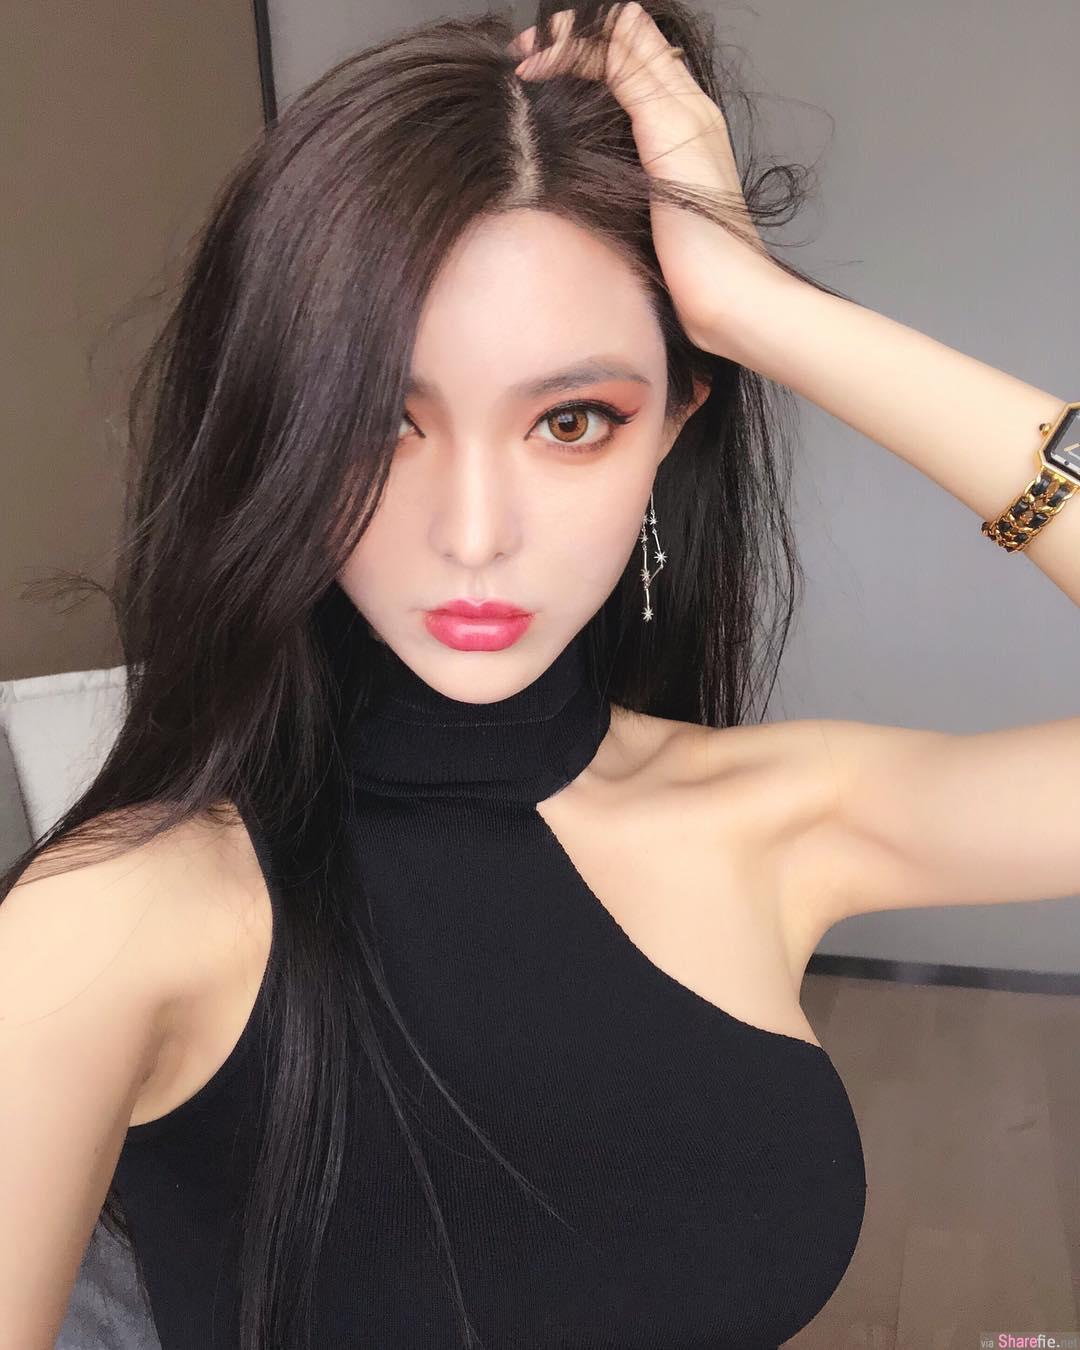 平面模特张雨乔Jisa,性感比基尼修长美腿,网:想和她一起吹吹风